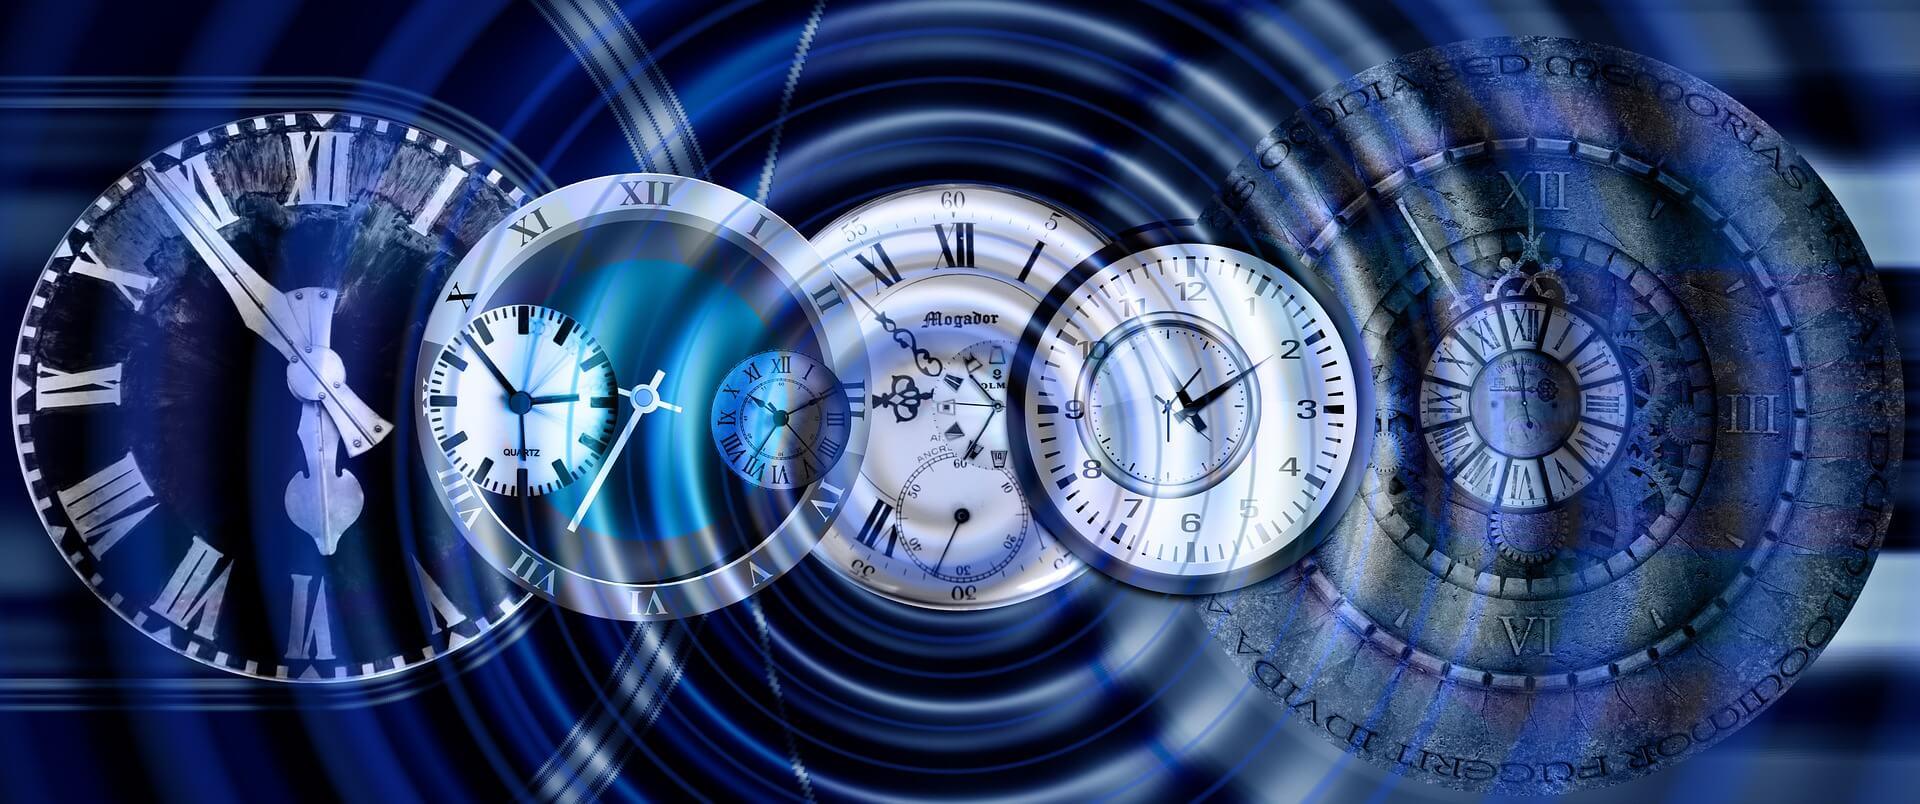 horloges hypnotiques